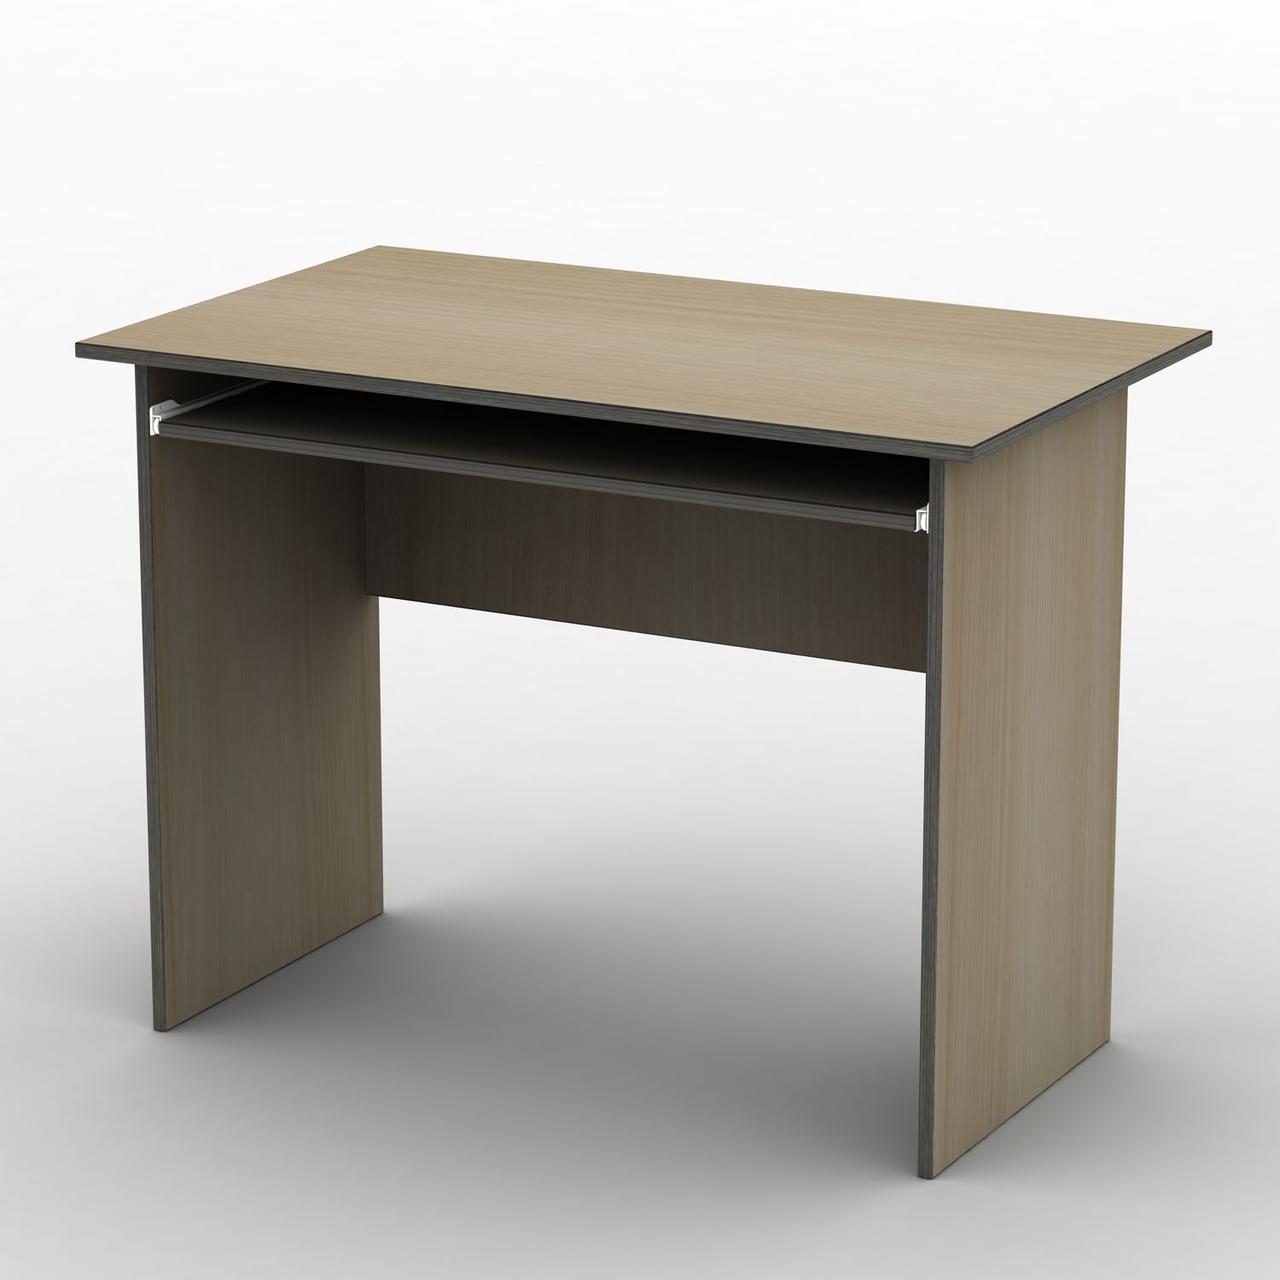 Комп'ютерний стіл Бюджет СК-1 (800*600) Тіса меблі